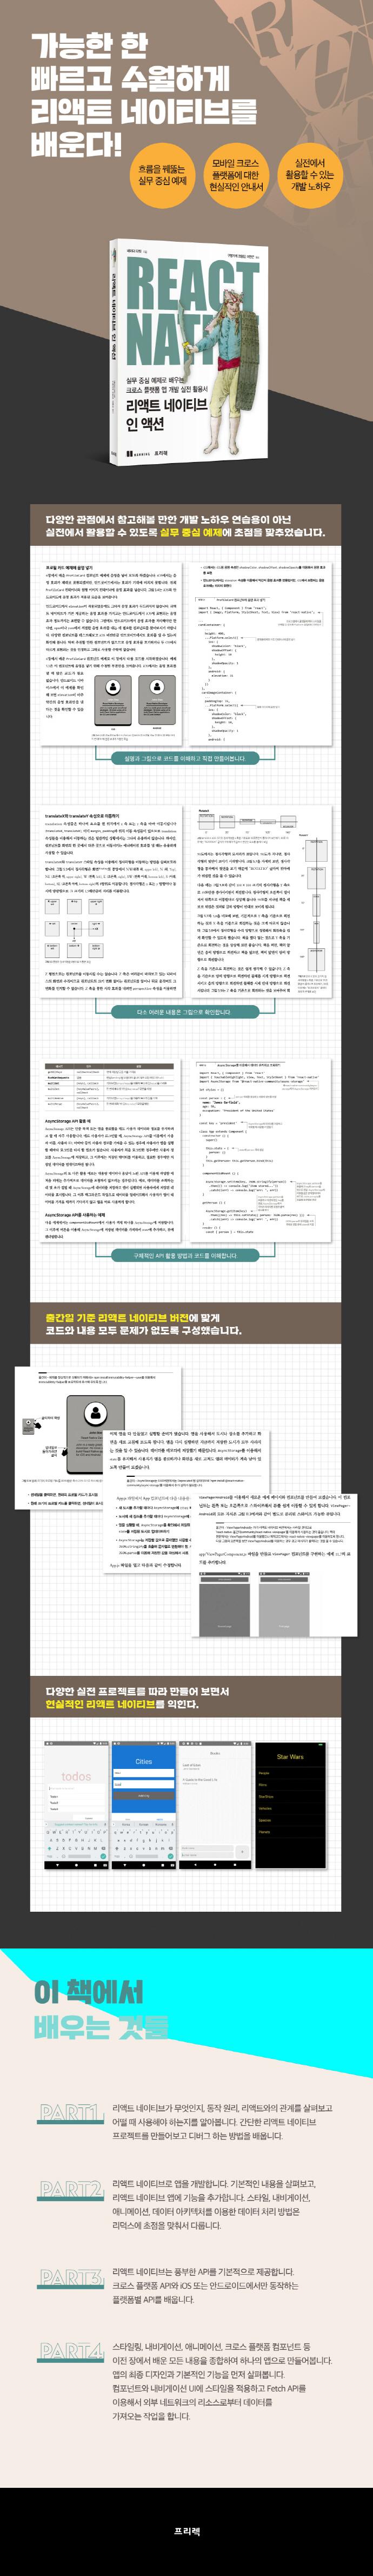 리액트 네이티브 인 액션 도서 상세이미지